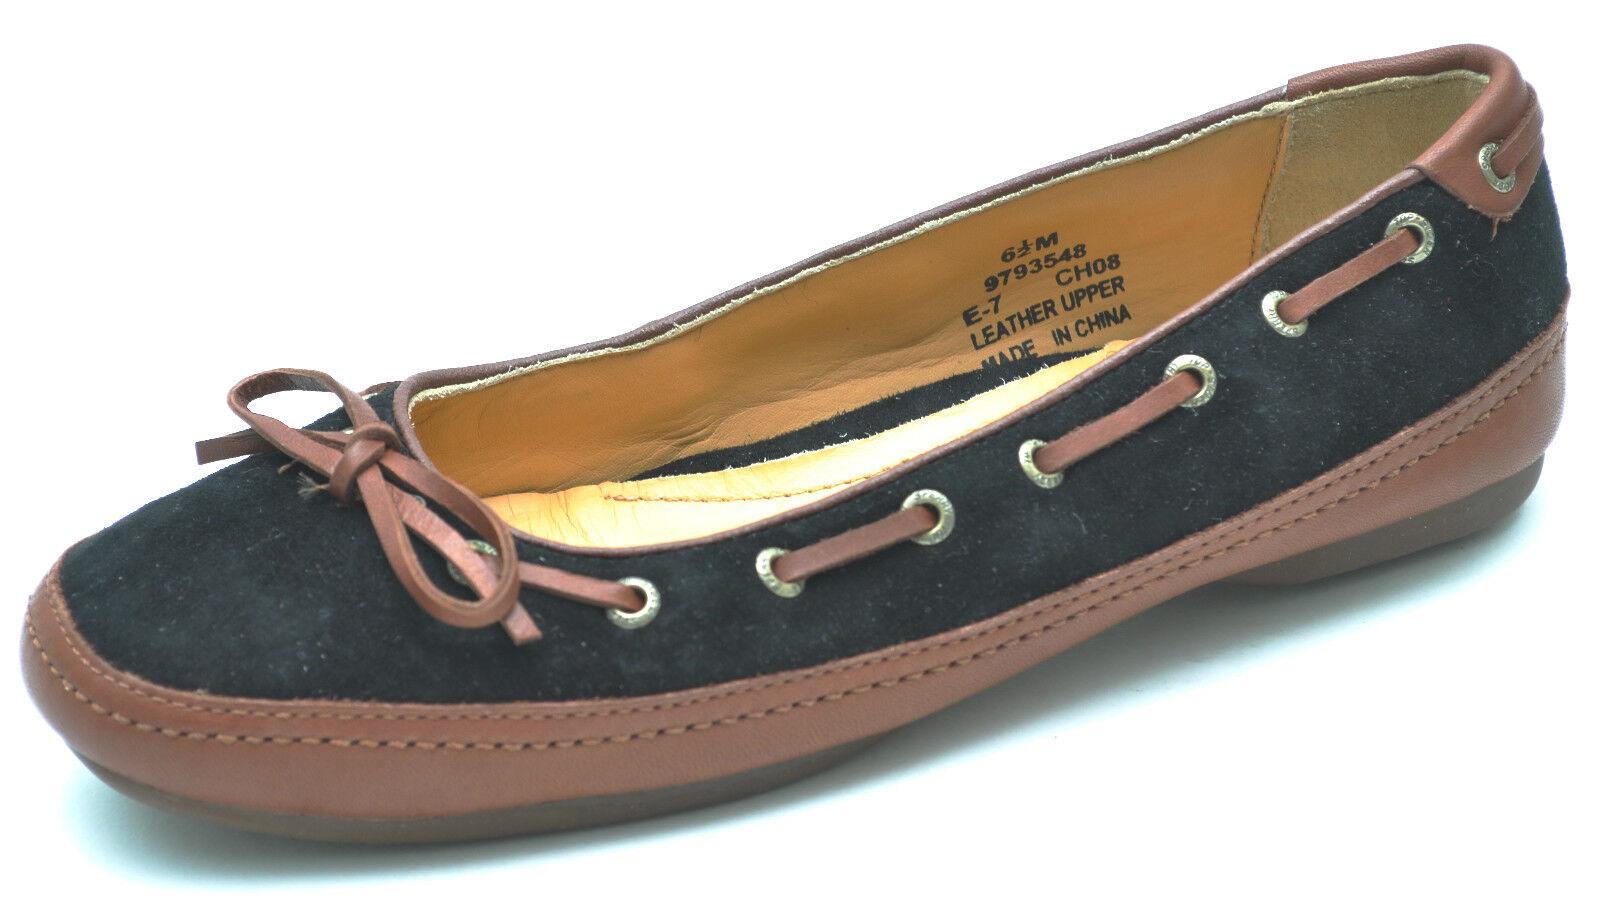 Sperry Top-sider Softie Skimmer Skimmer Skimmer Negro Marrón Pisos barco de zapatos para mujer 6.5 - Nuevo  preferente